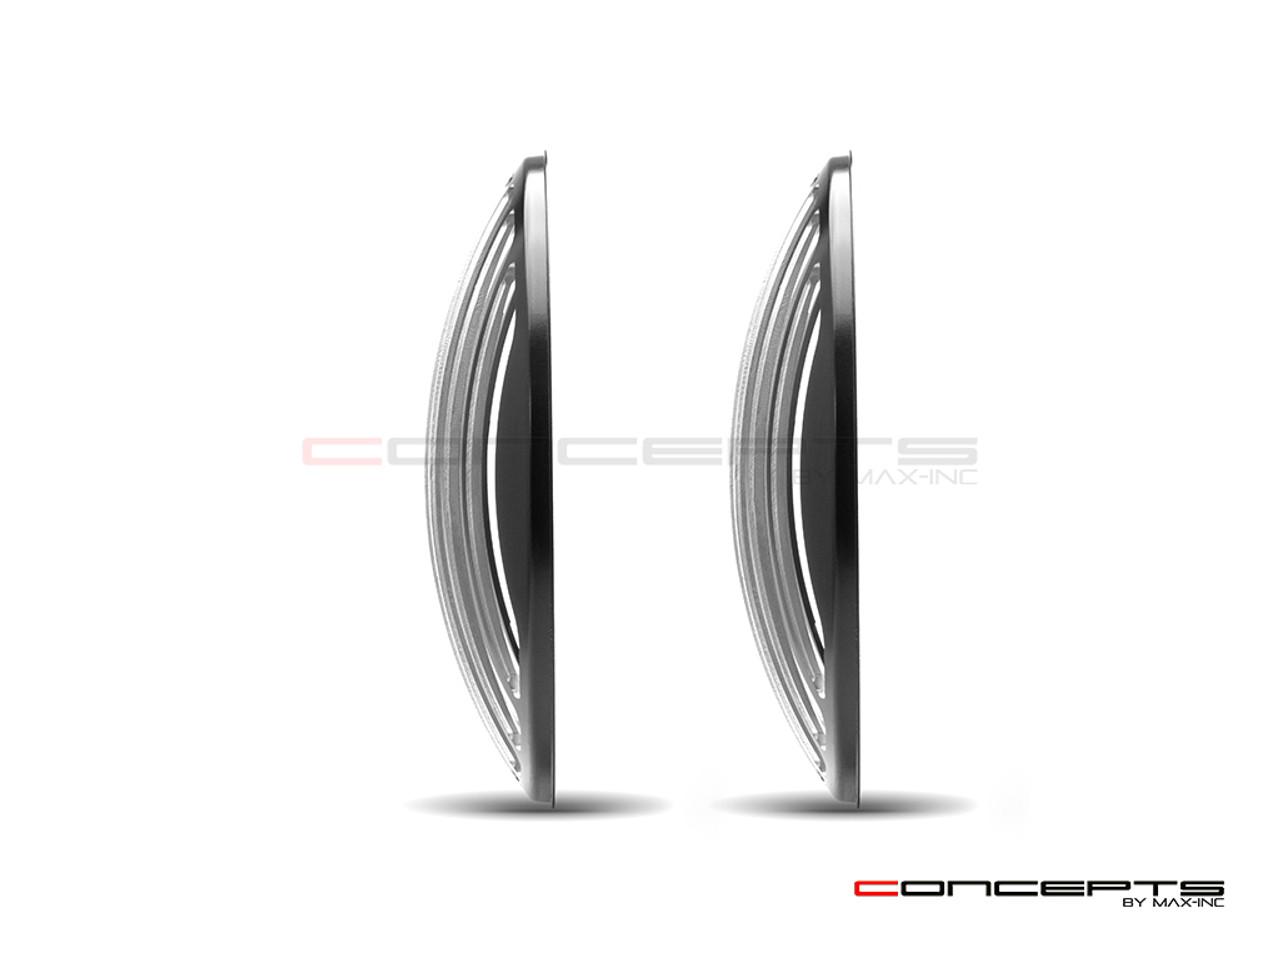 """Classic Vent Design 7"""" Black + Contrast Cut CNC Aluminum Headlight Guard Covers - Pair"""